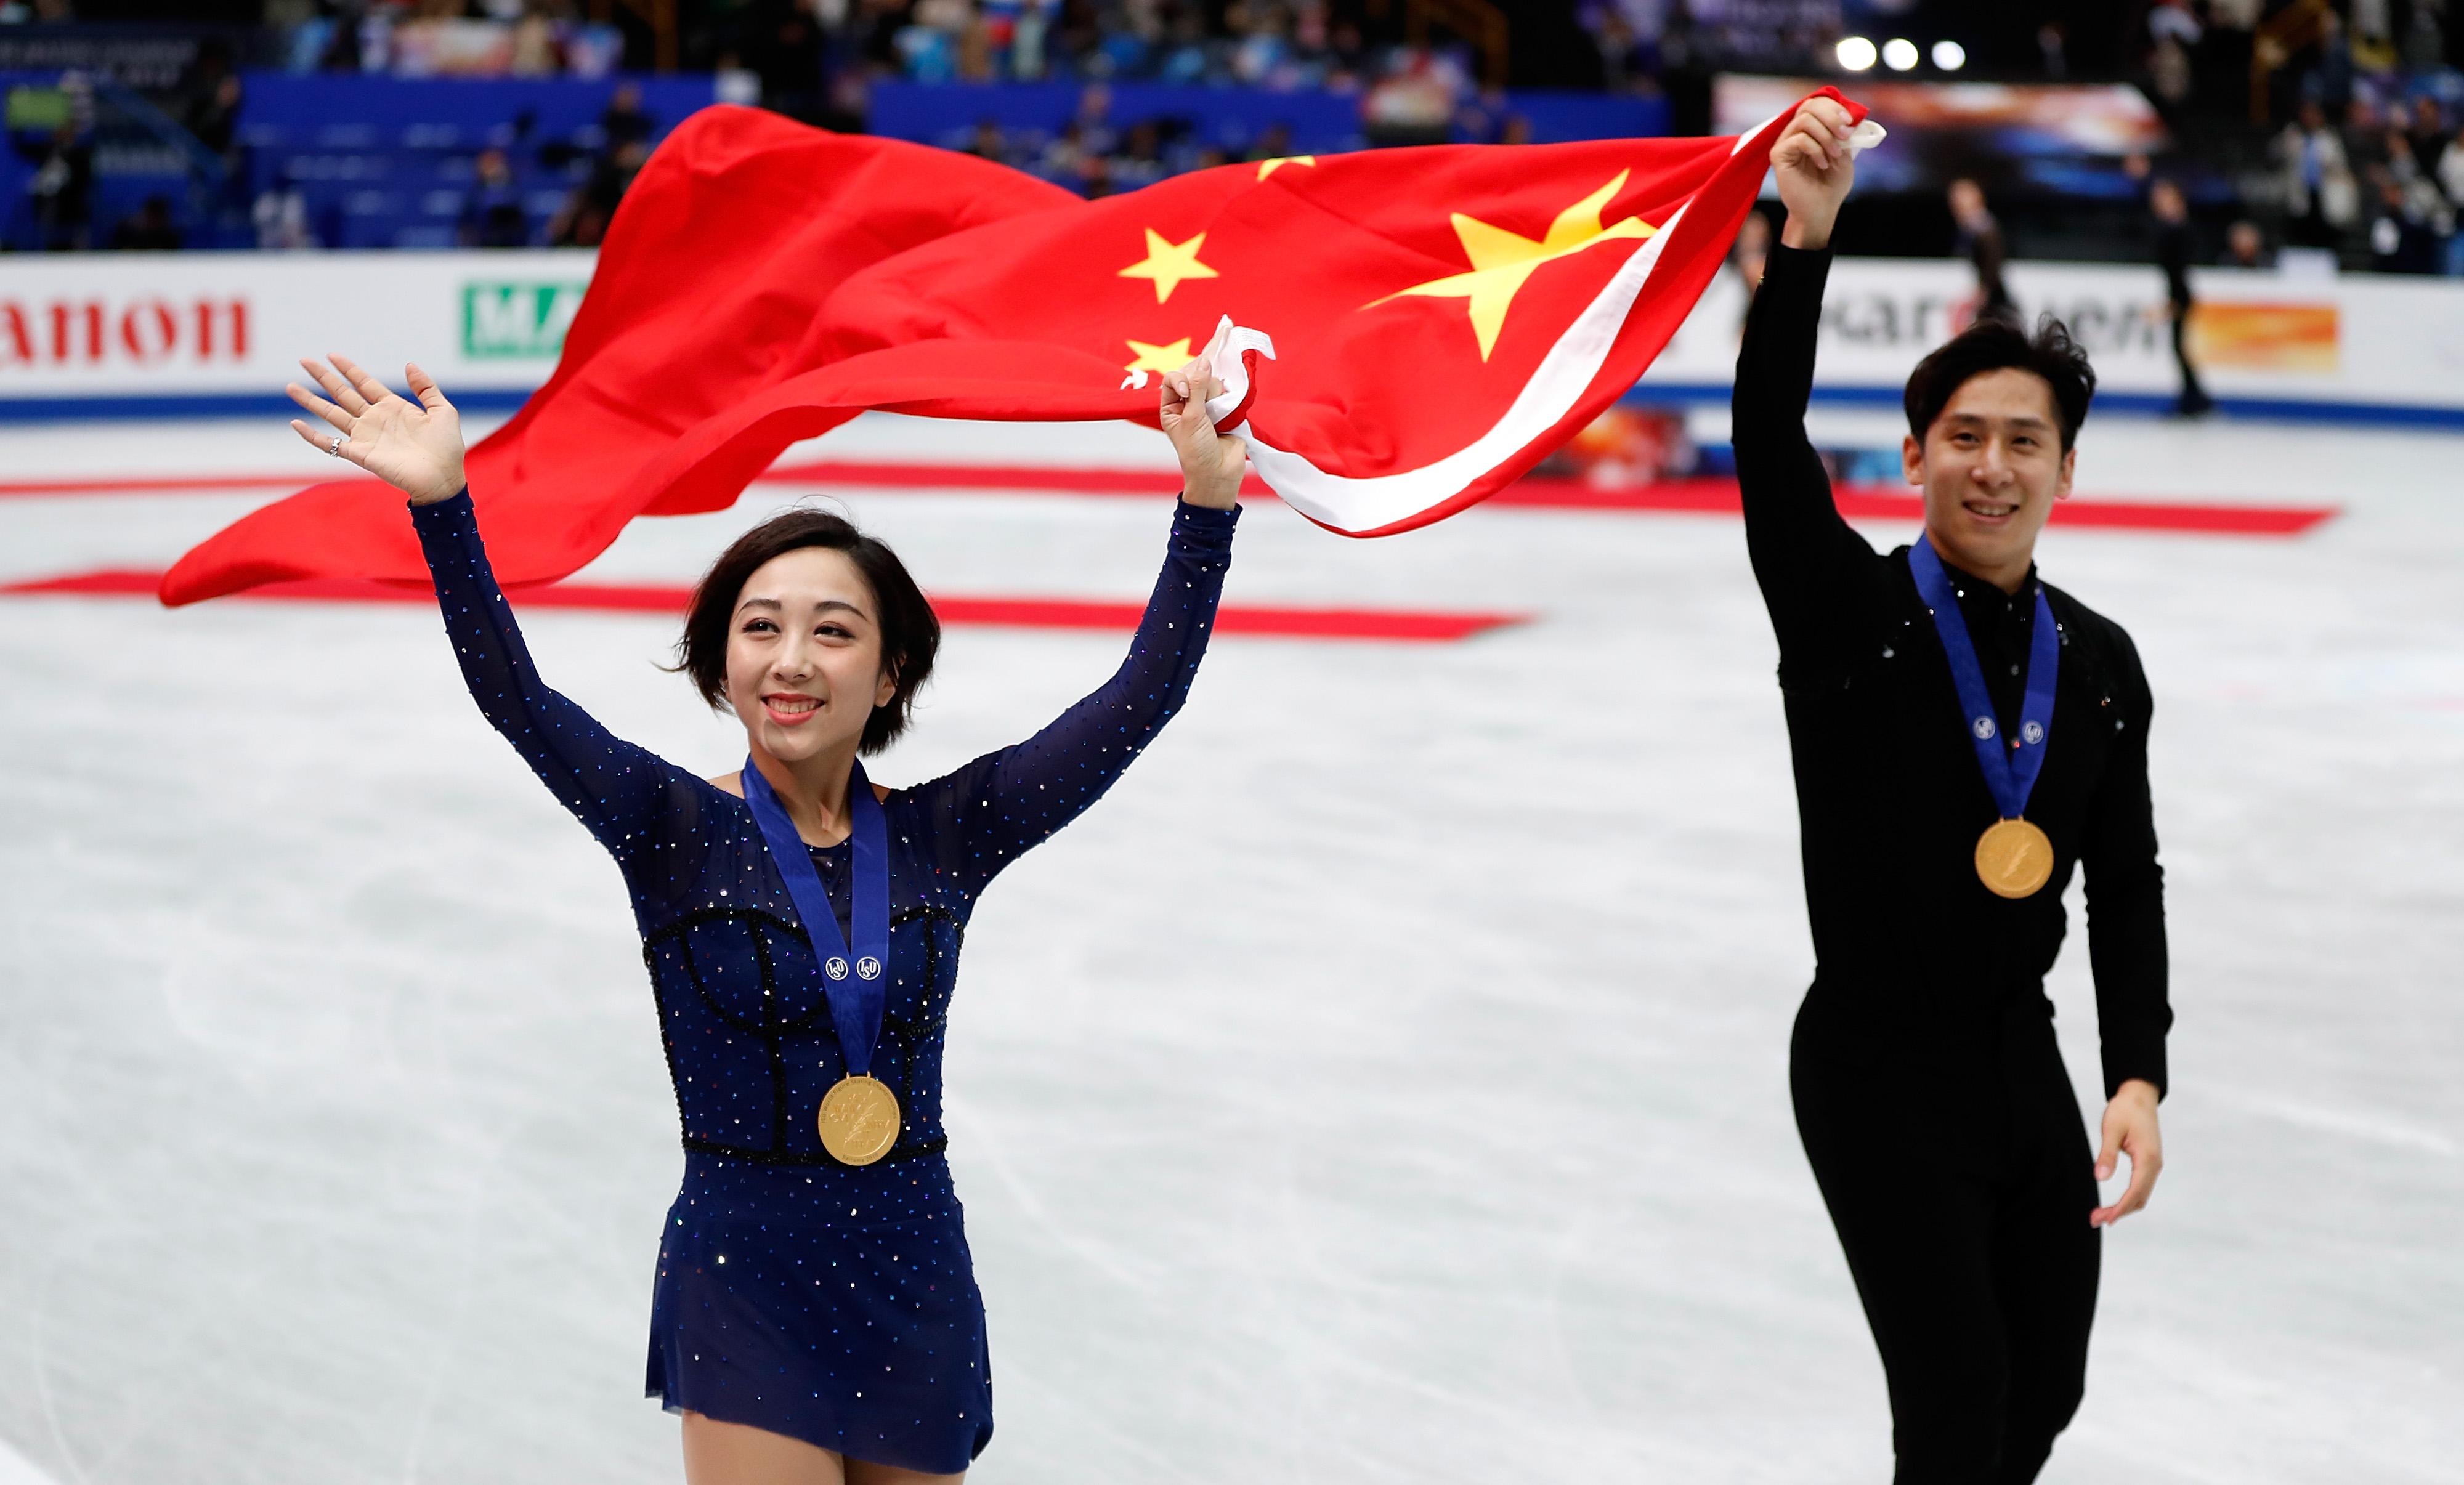 世锦赛:隋文静/韩聪获双人滑冠军